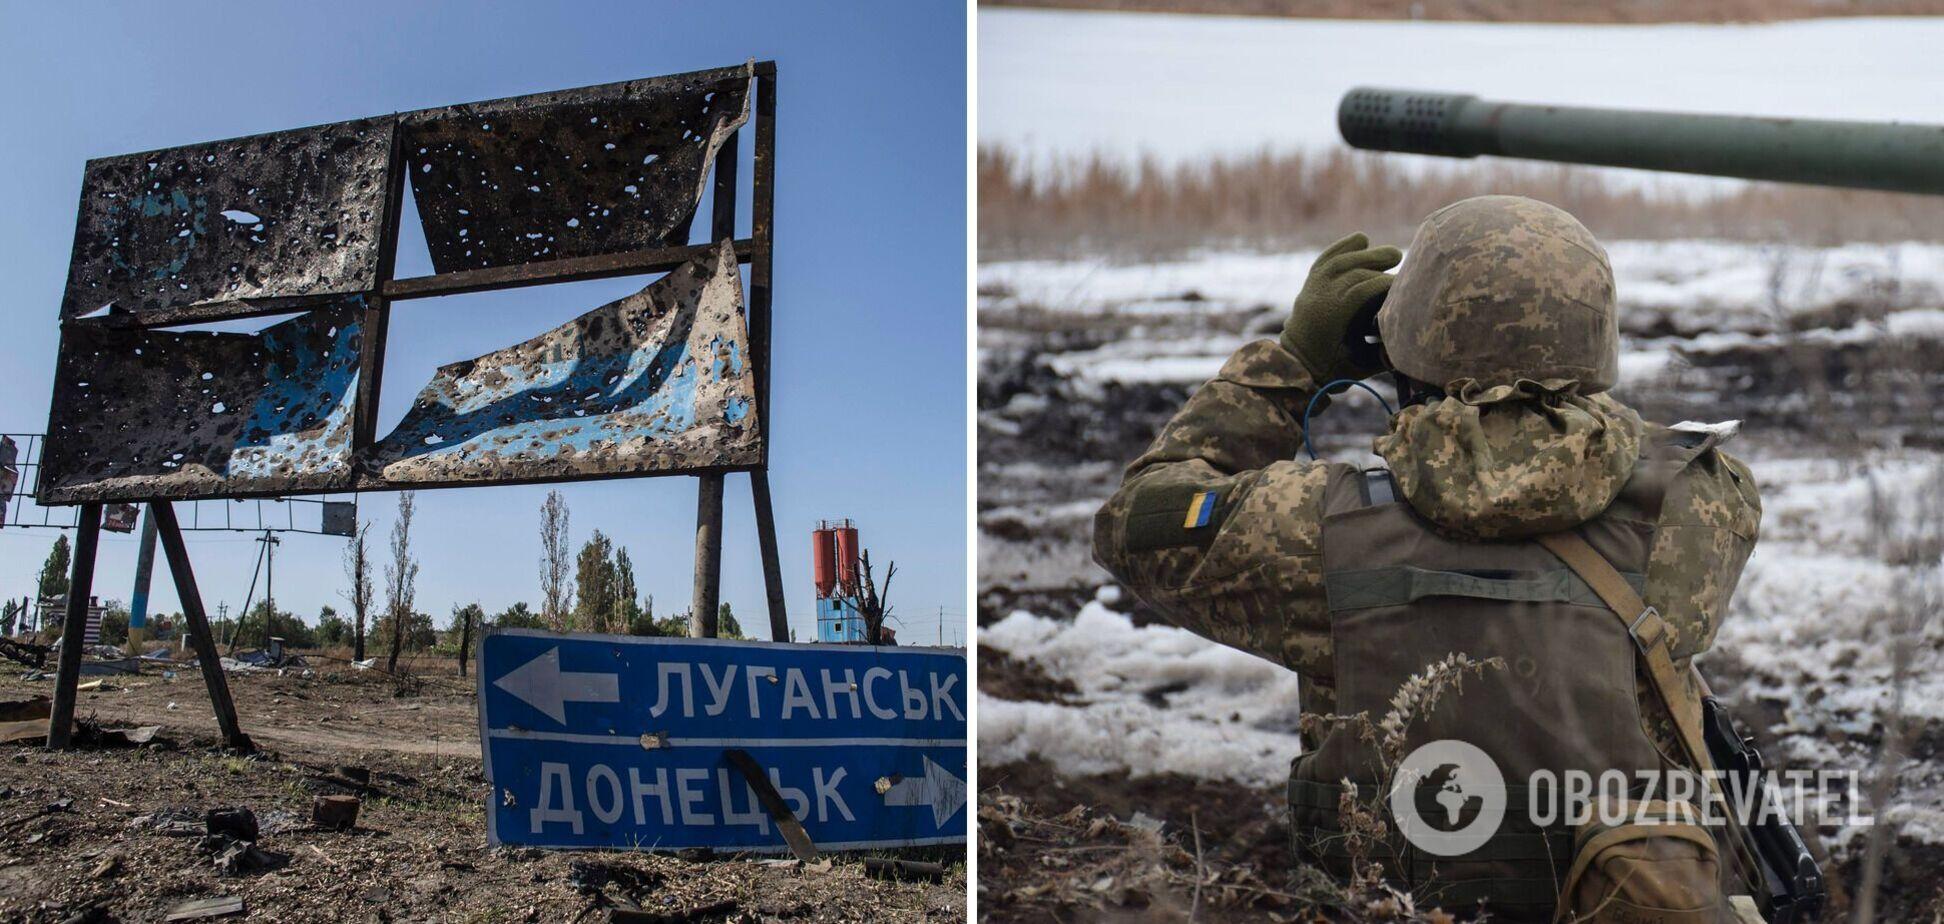 На Донбассе наемники РФ обстреляли позиции ВСУ и ранили украинского воина